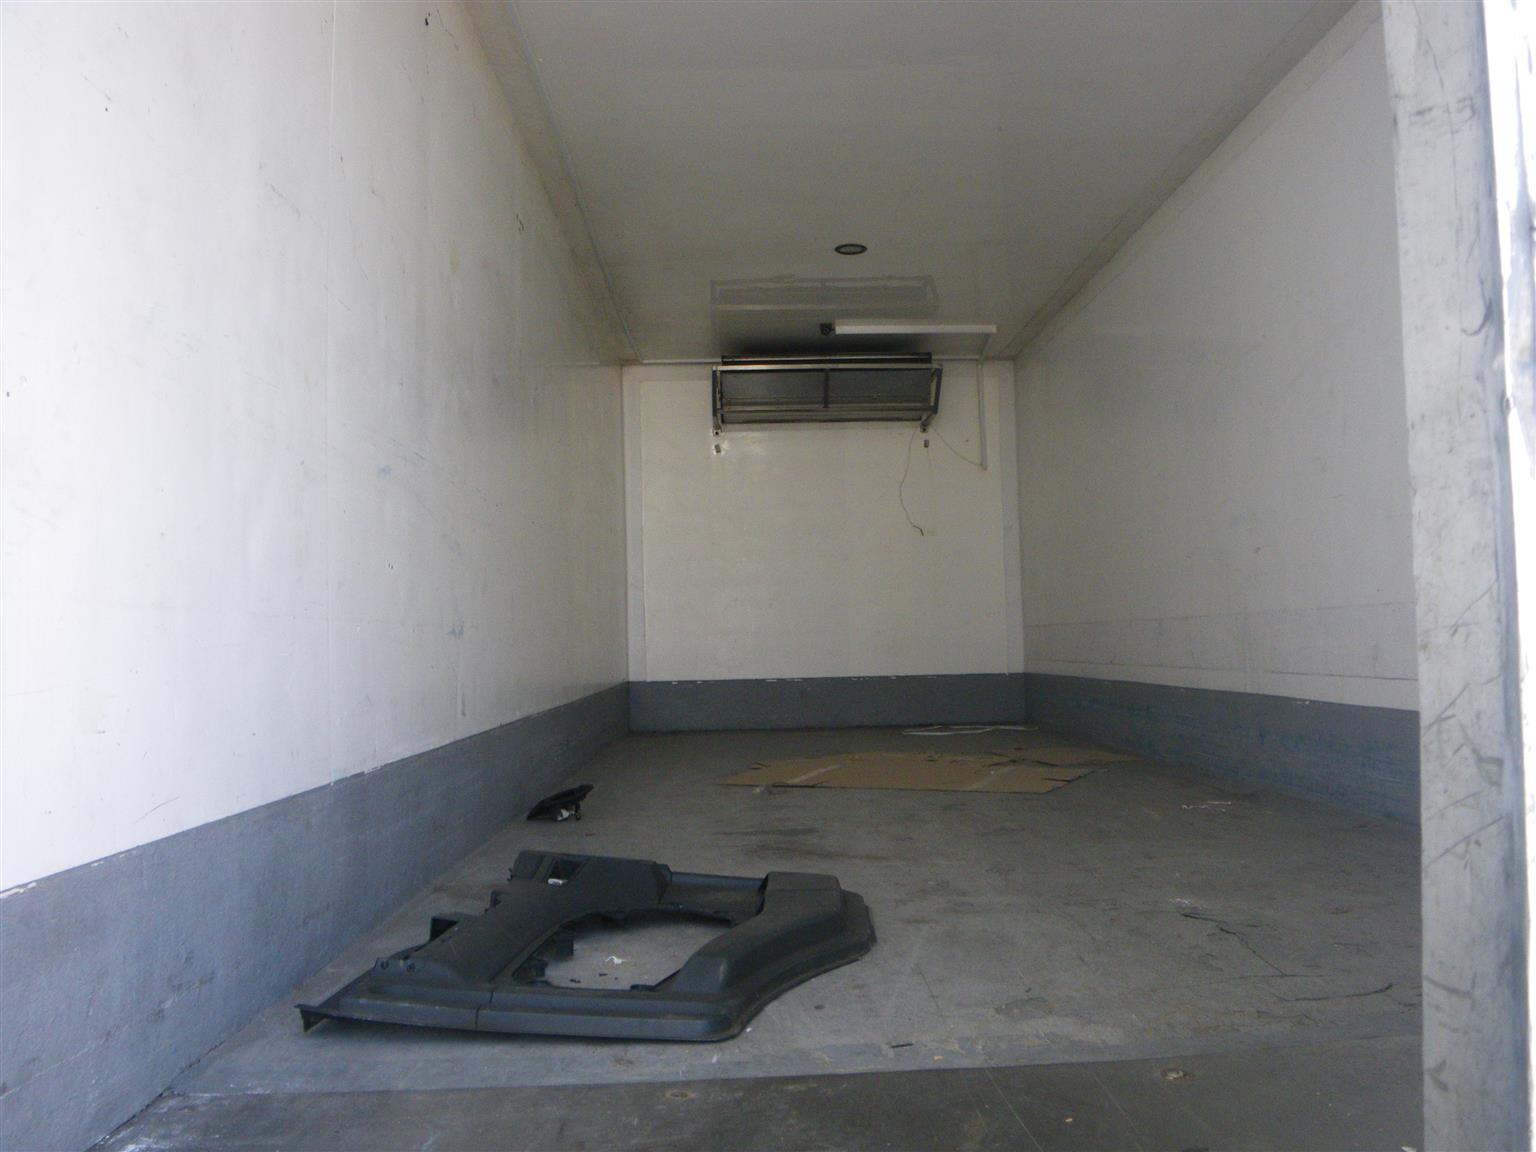 2008 M.A.N TGM 15.240 CBL 4x2 7ton fridge truck – AA3076